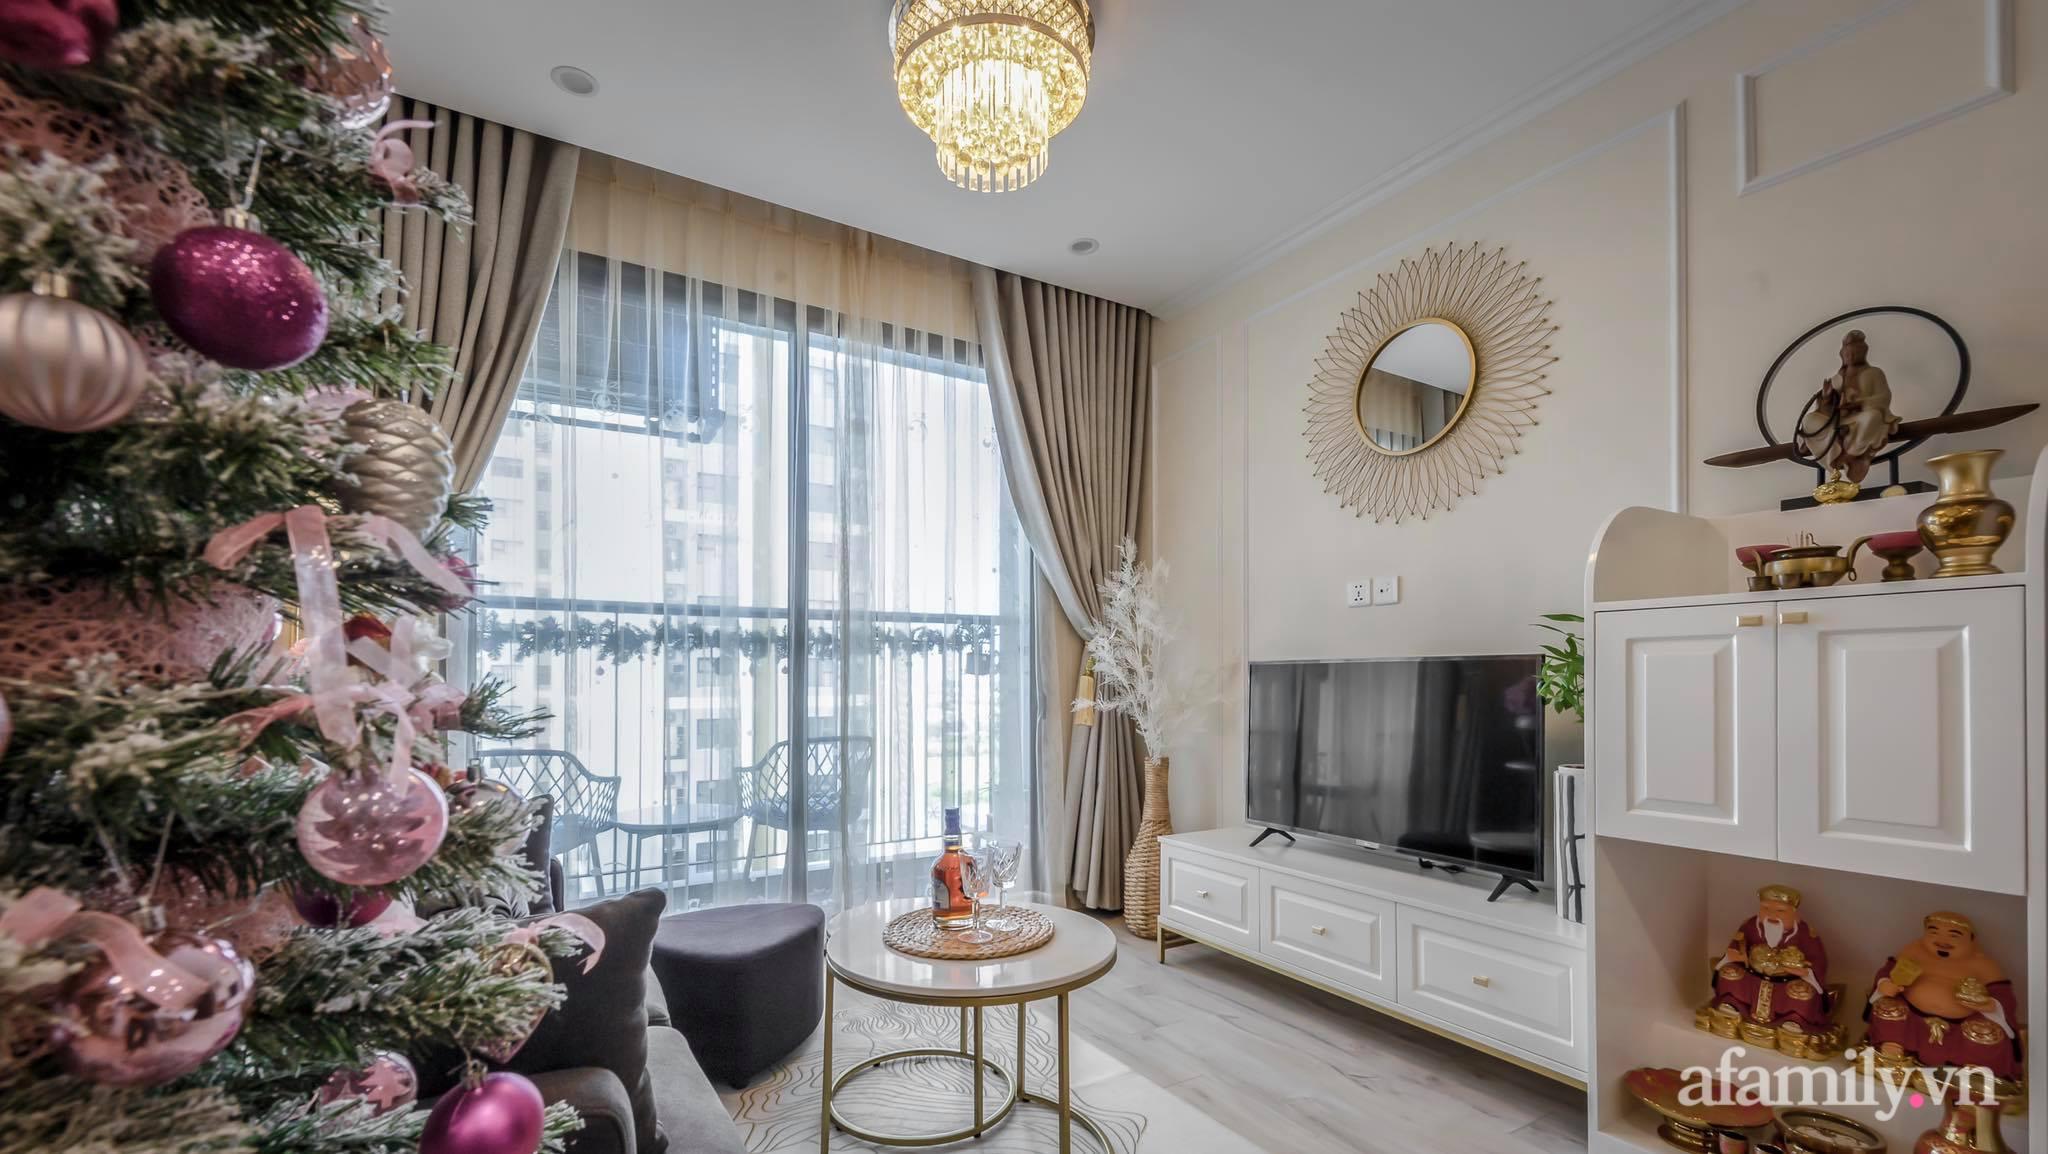 Căn hộ 55m² sang trọng đẳng cấp với phong cách Tân cổ điển có chi phí hoàn thiện nội thất 200 triệu đồng ở Sài Gòn - Ảnh 2.